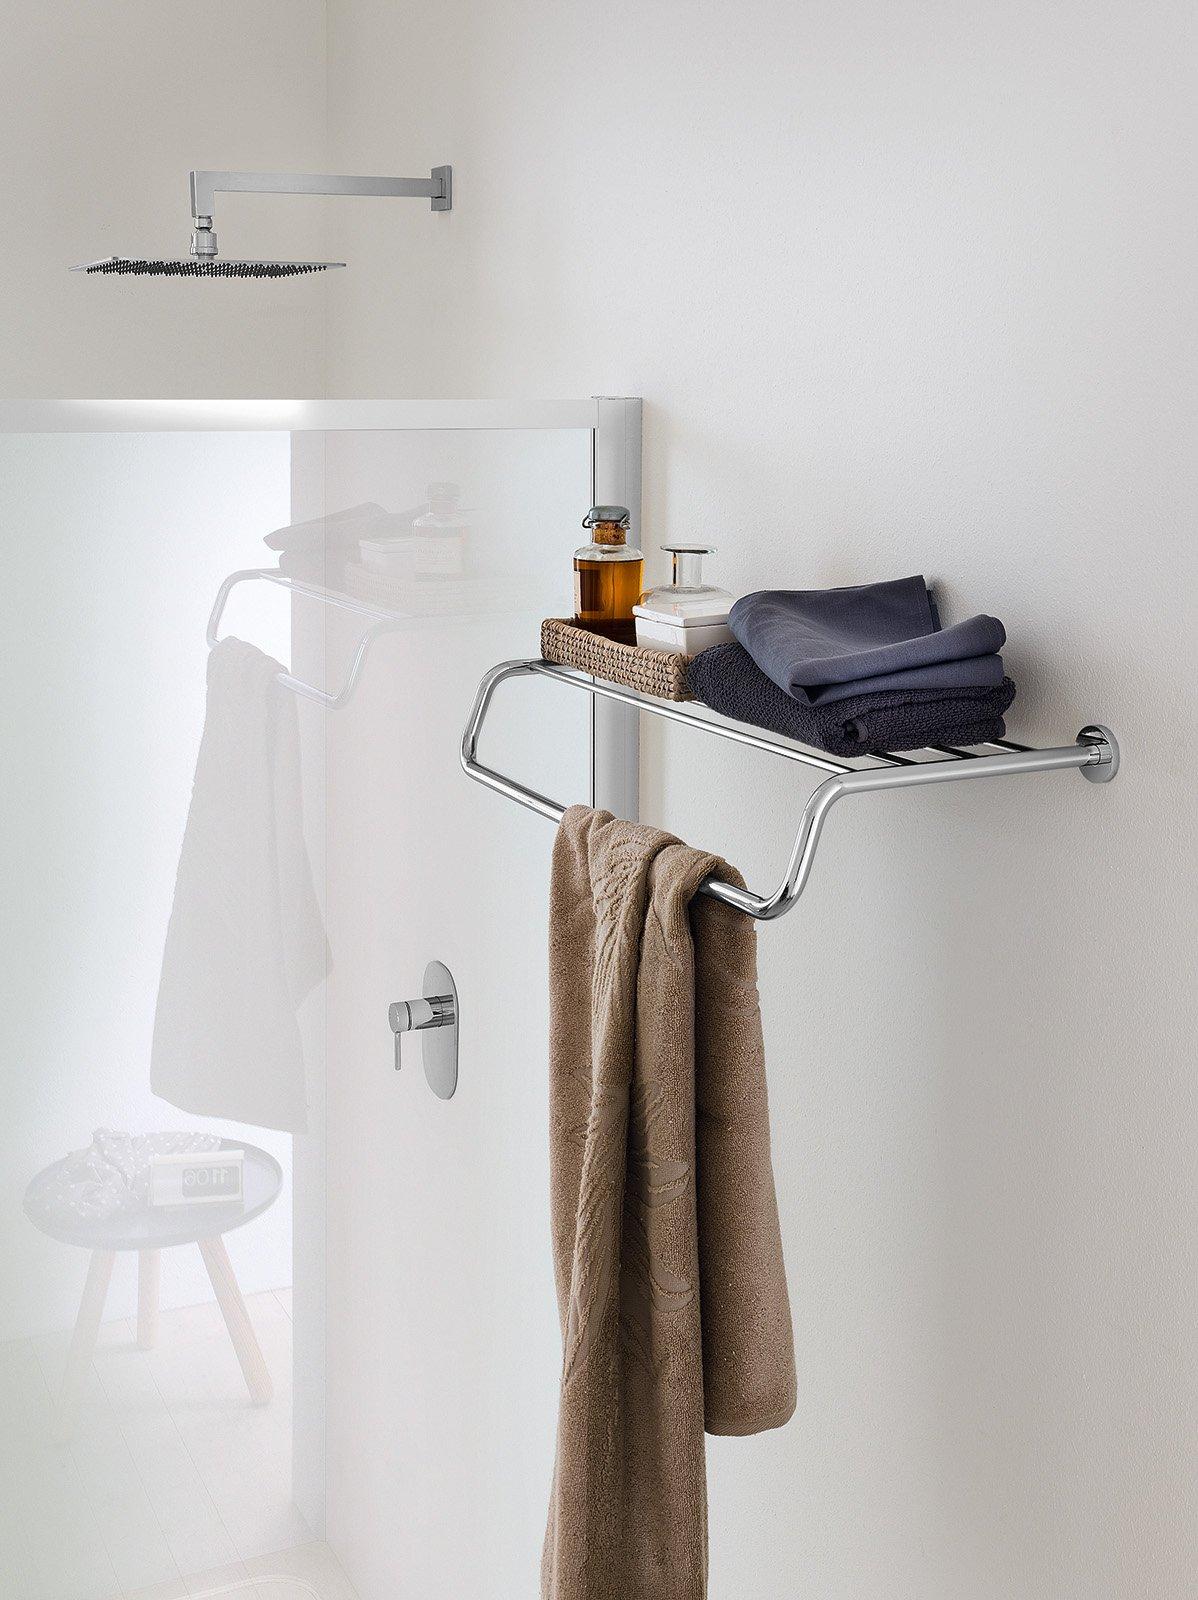 Accessori per un bagno pi comodo e pi bello cose di casa - Accessori per costumi da bagno ...